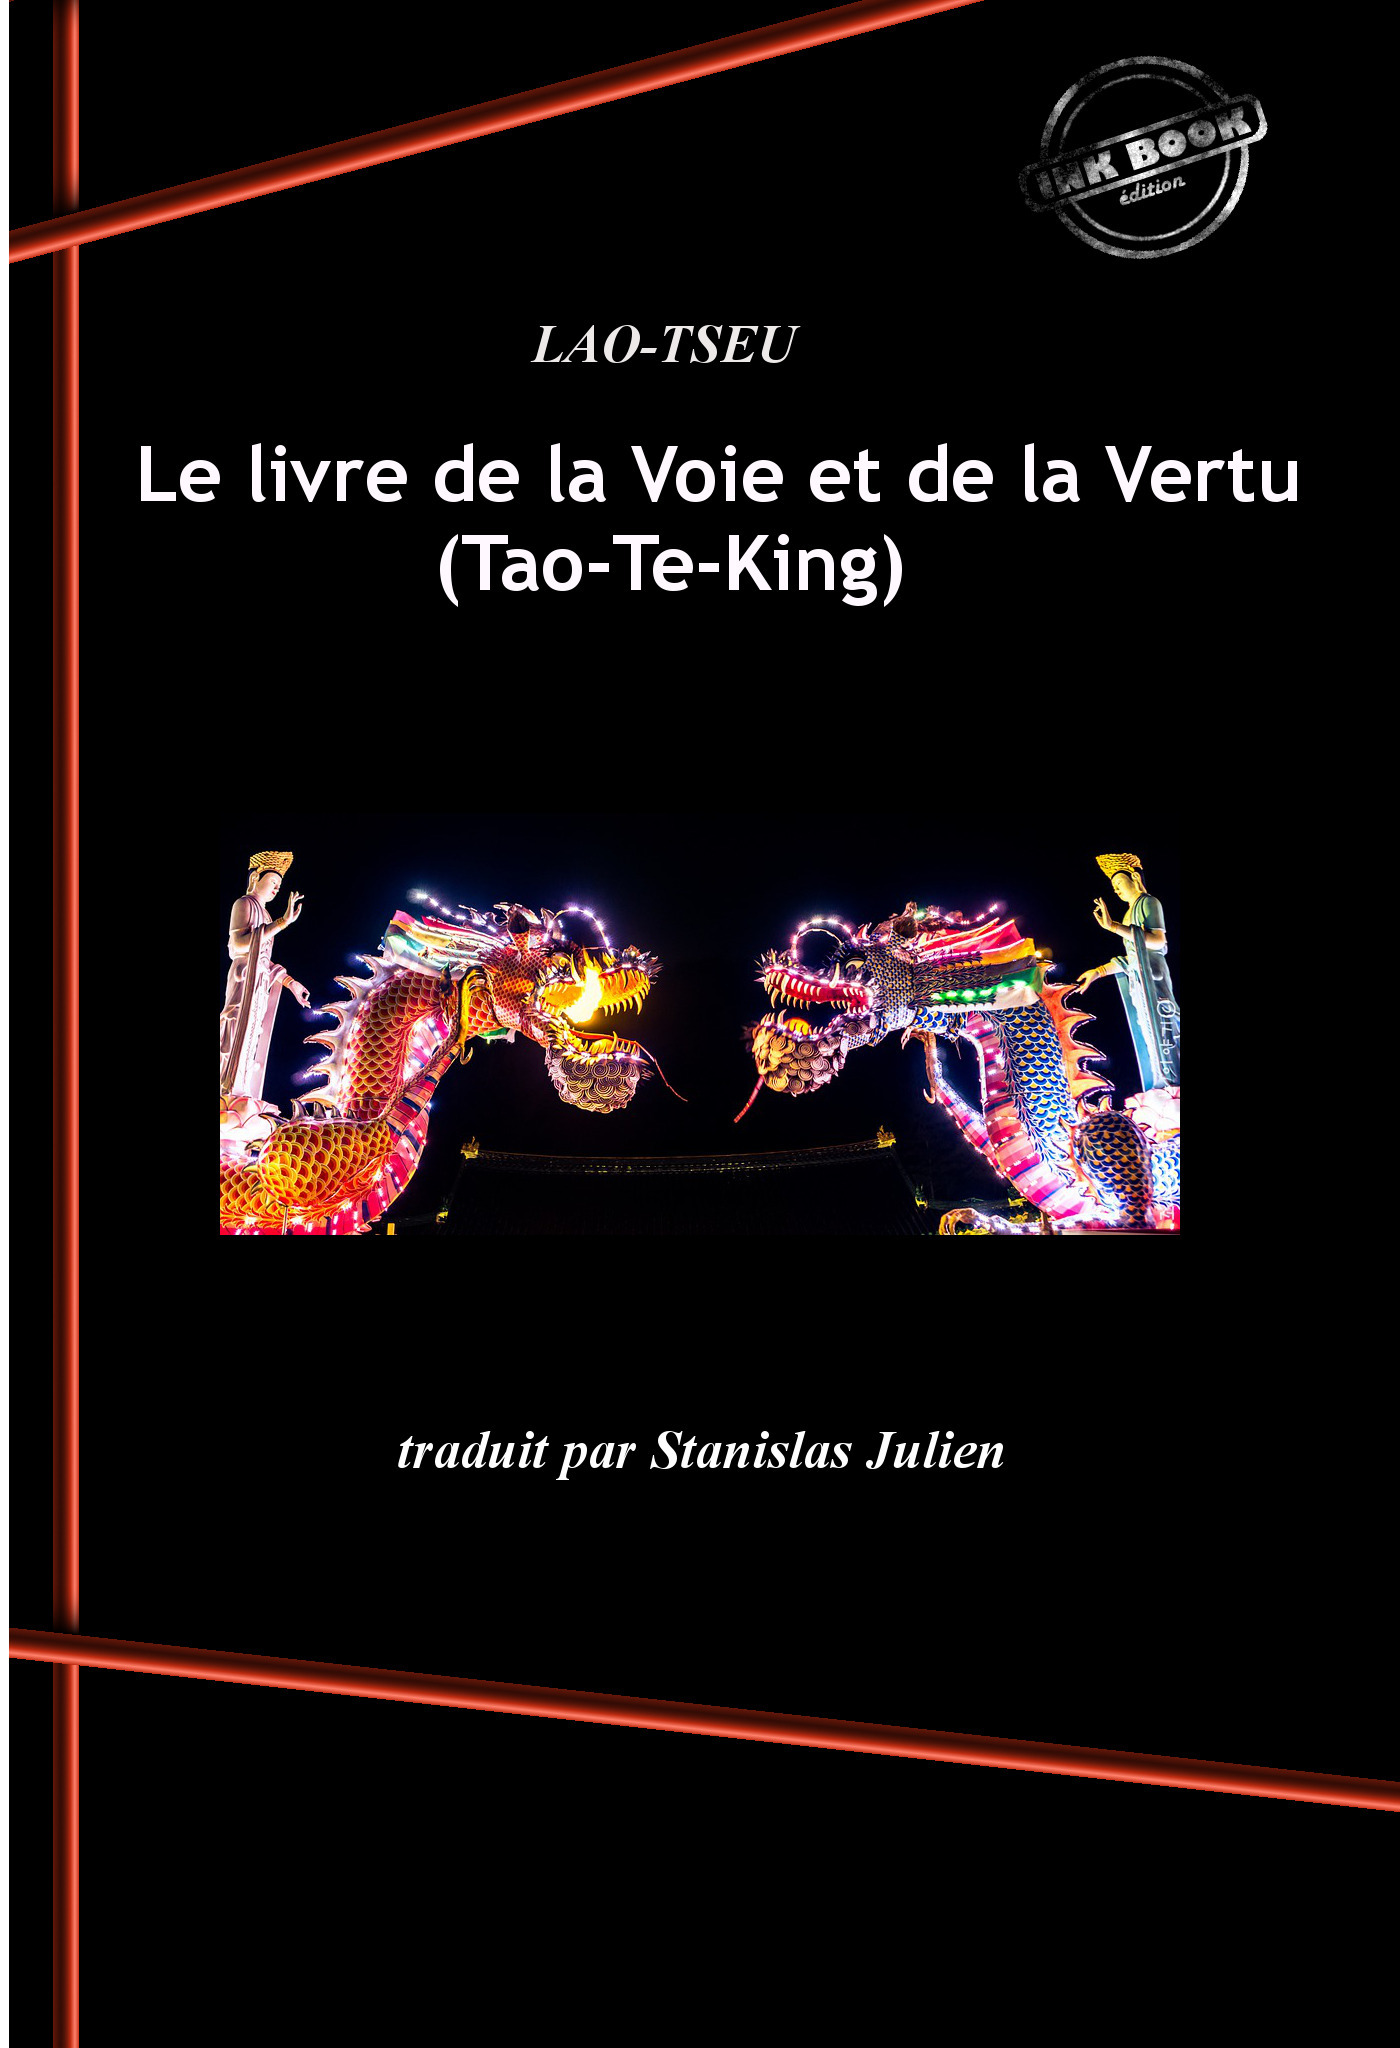 Le livre de la Voie et de la Vertu (Tao-Te-King)